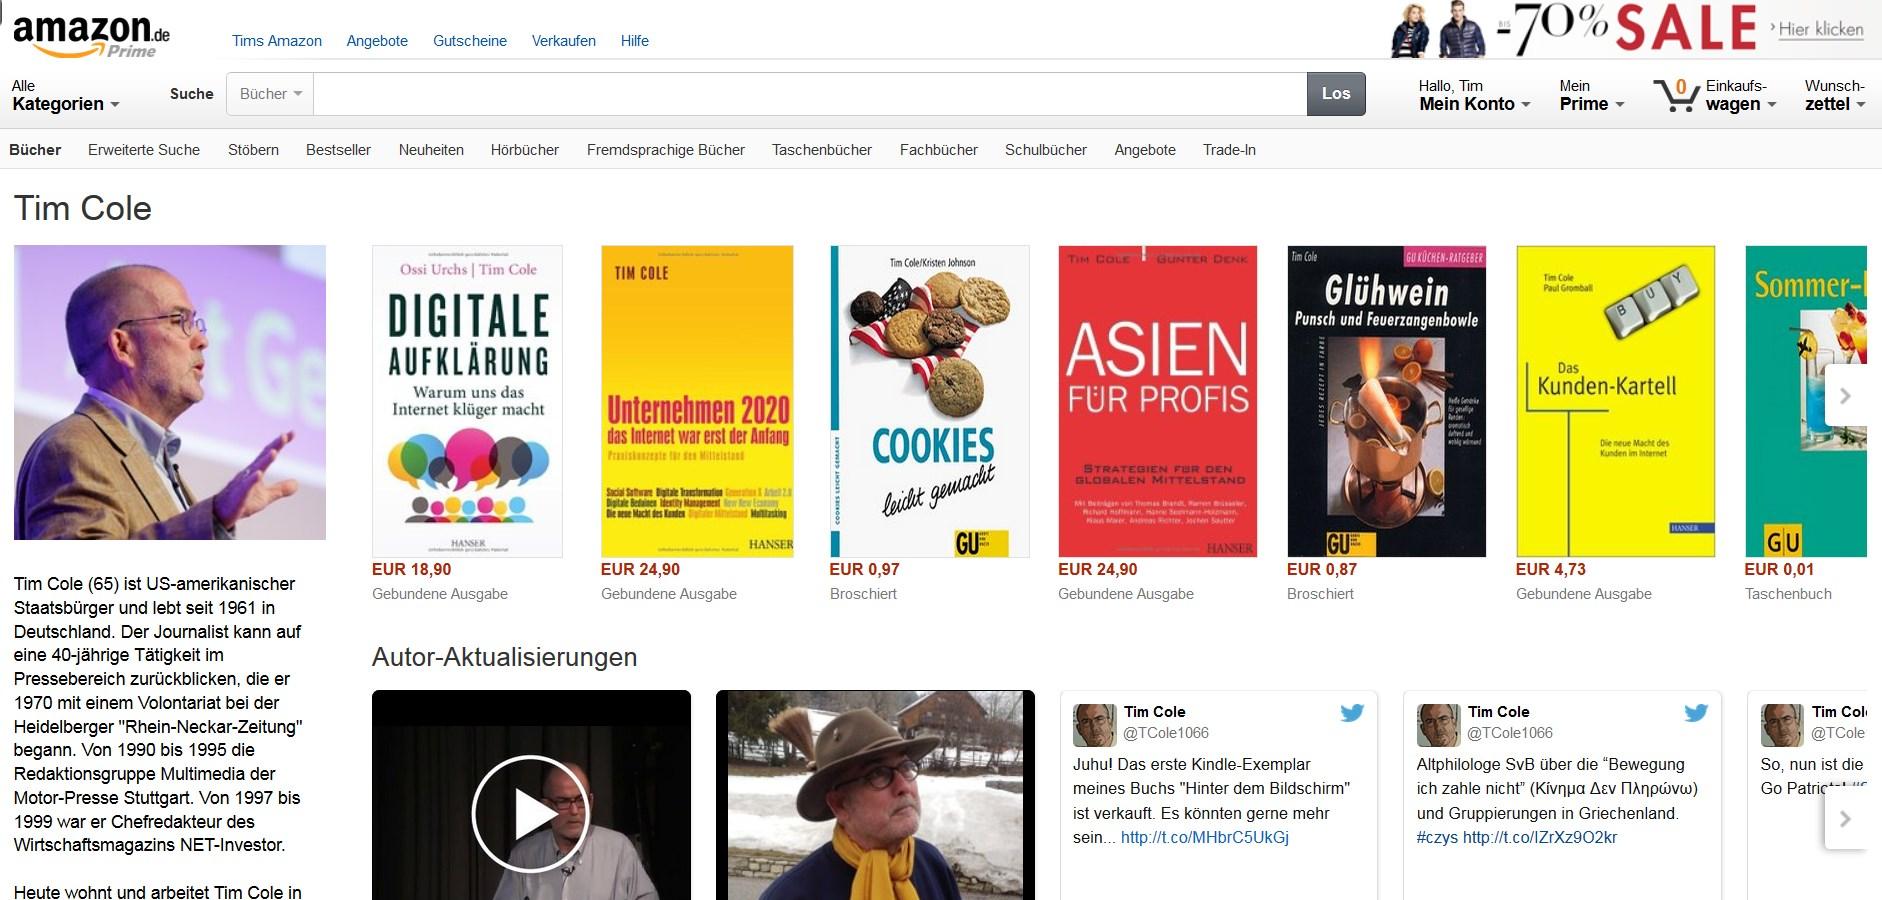 Autorenseite Amazon